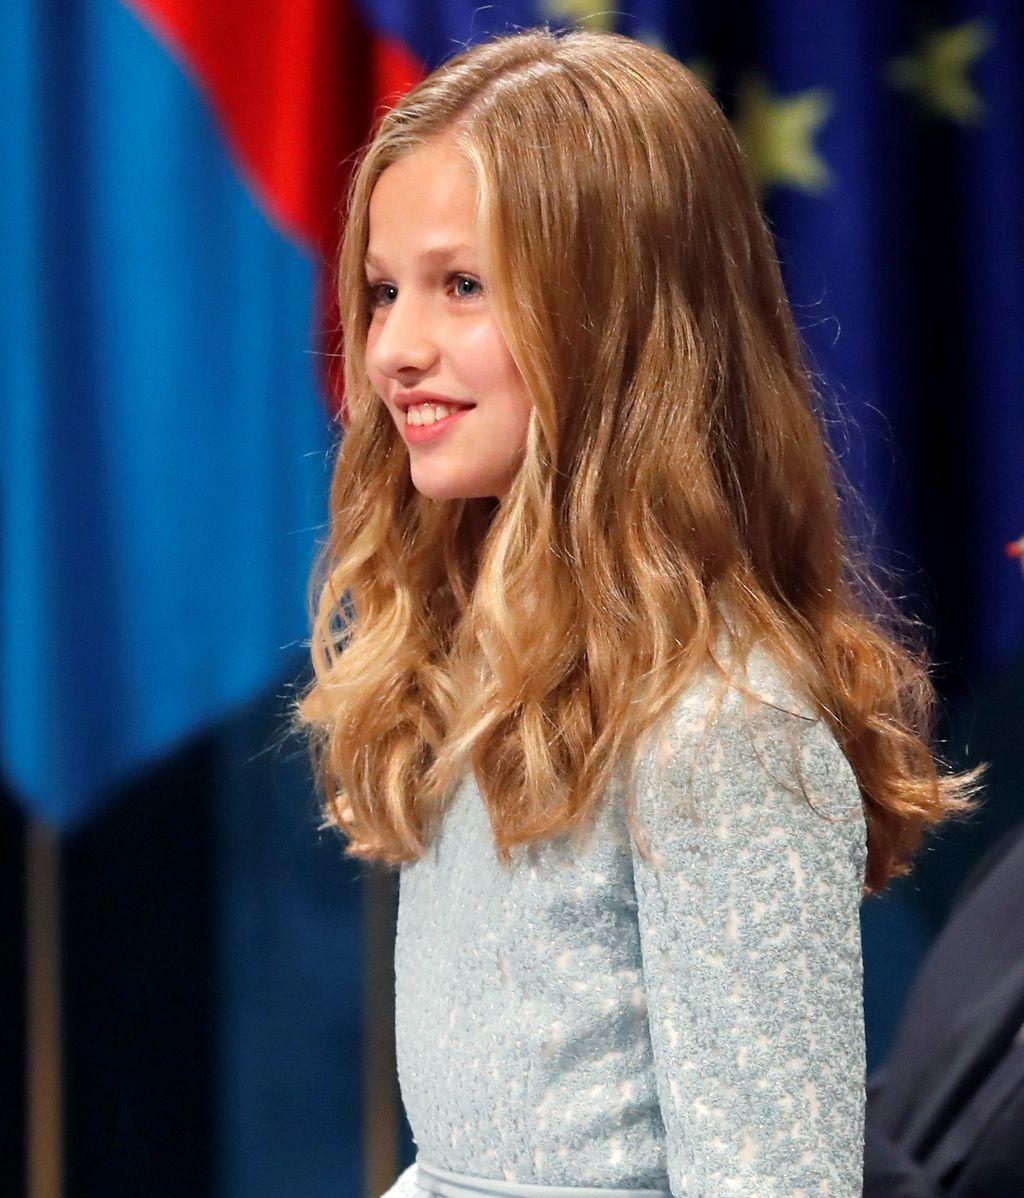 La princesa Leonor al acabar su discurso durante la ceremonia de entrega de los Premios Princesa de Asturias en el Teatro Campoamor de Oviedo